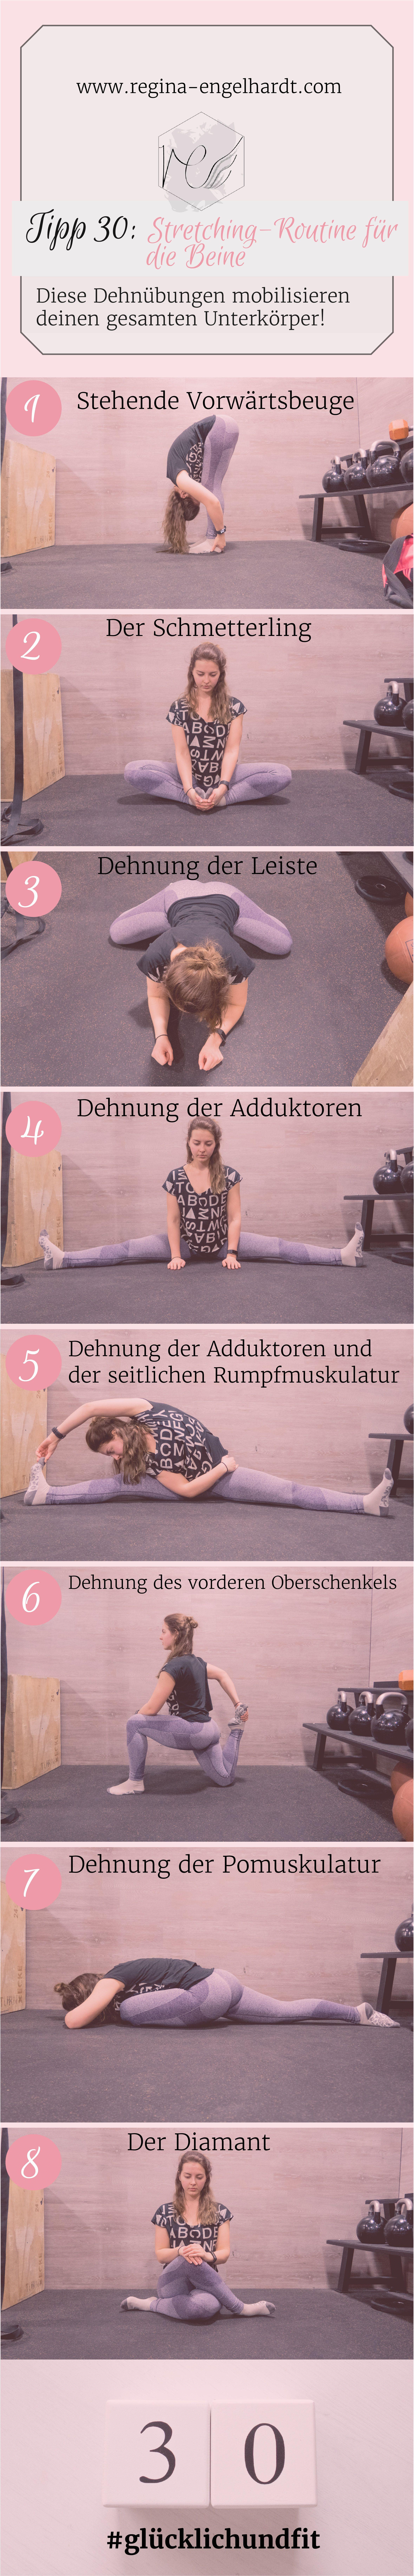 Tipp 30: Stretching-Routine für die Beine #yogaypilates